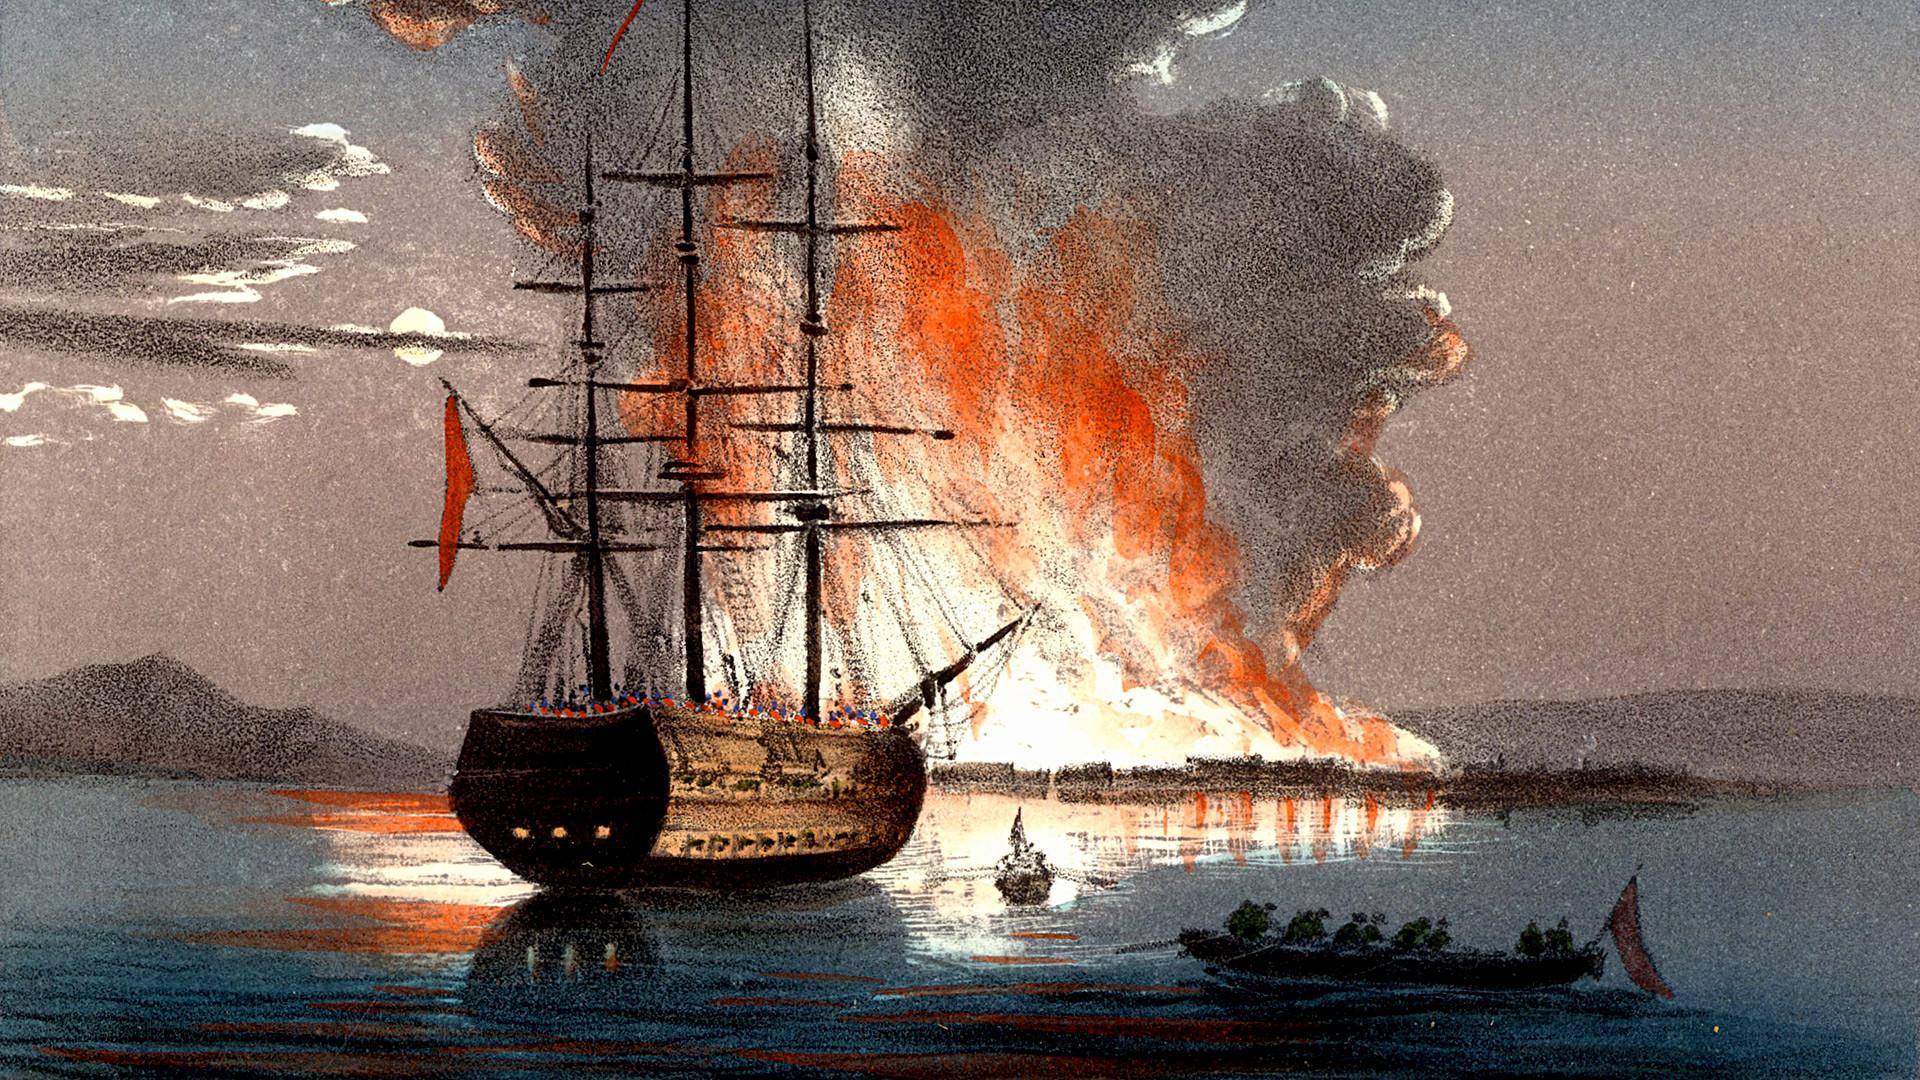 Požar pri morski ožini Čanakale, litografija, 1857.